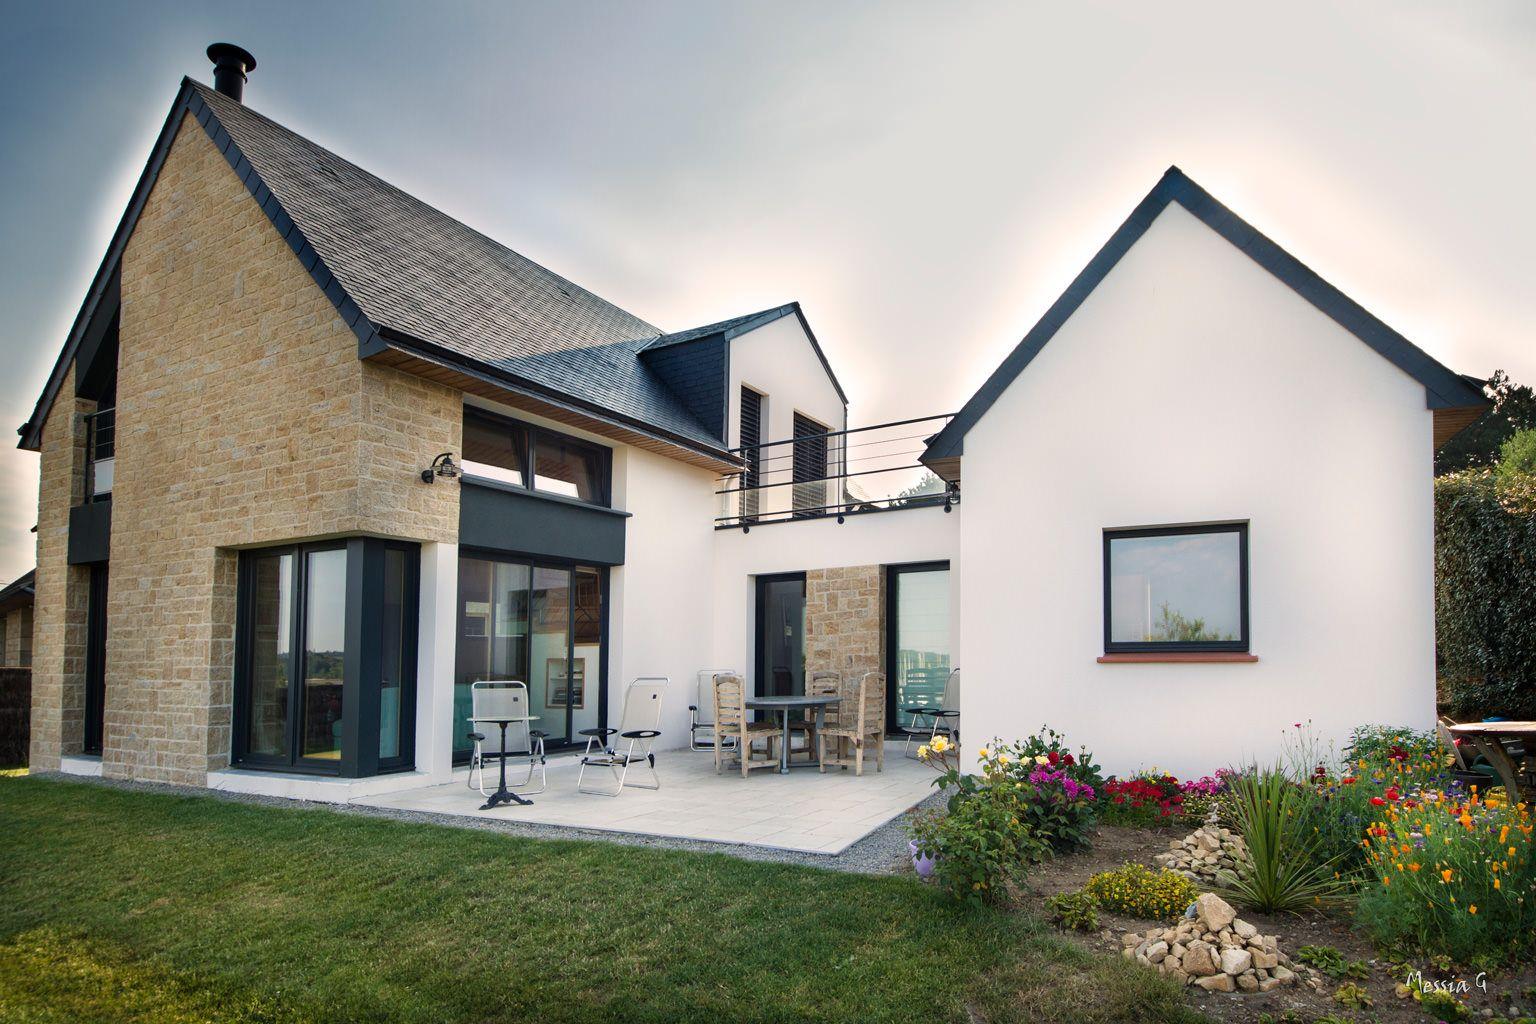 Agrandissement Maison Néo Bretonne maison néo-bretonne | maison, agrandissement maison, maison